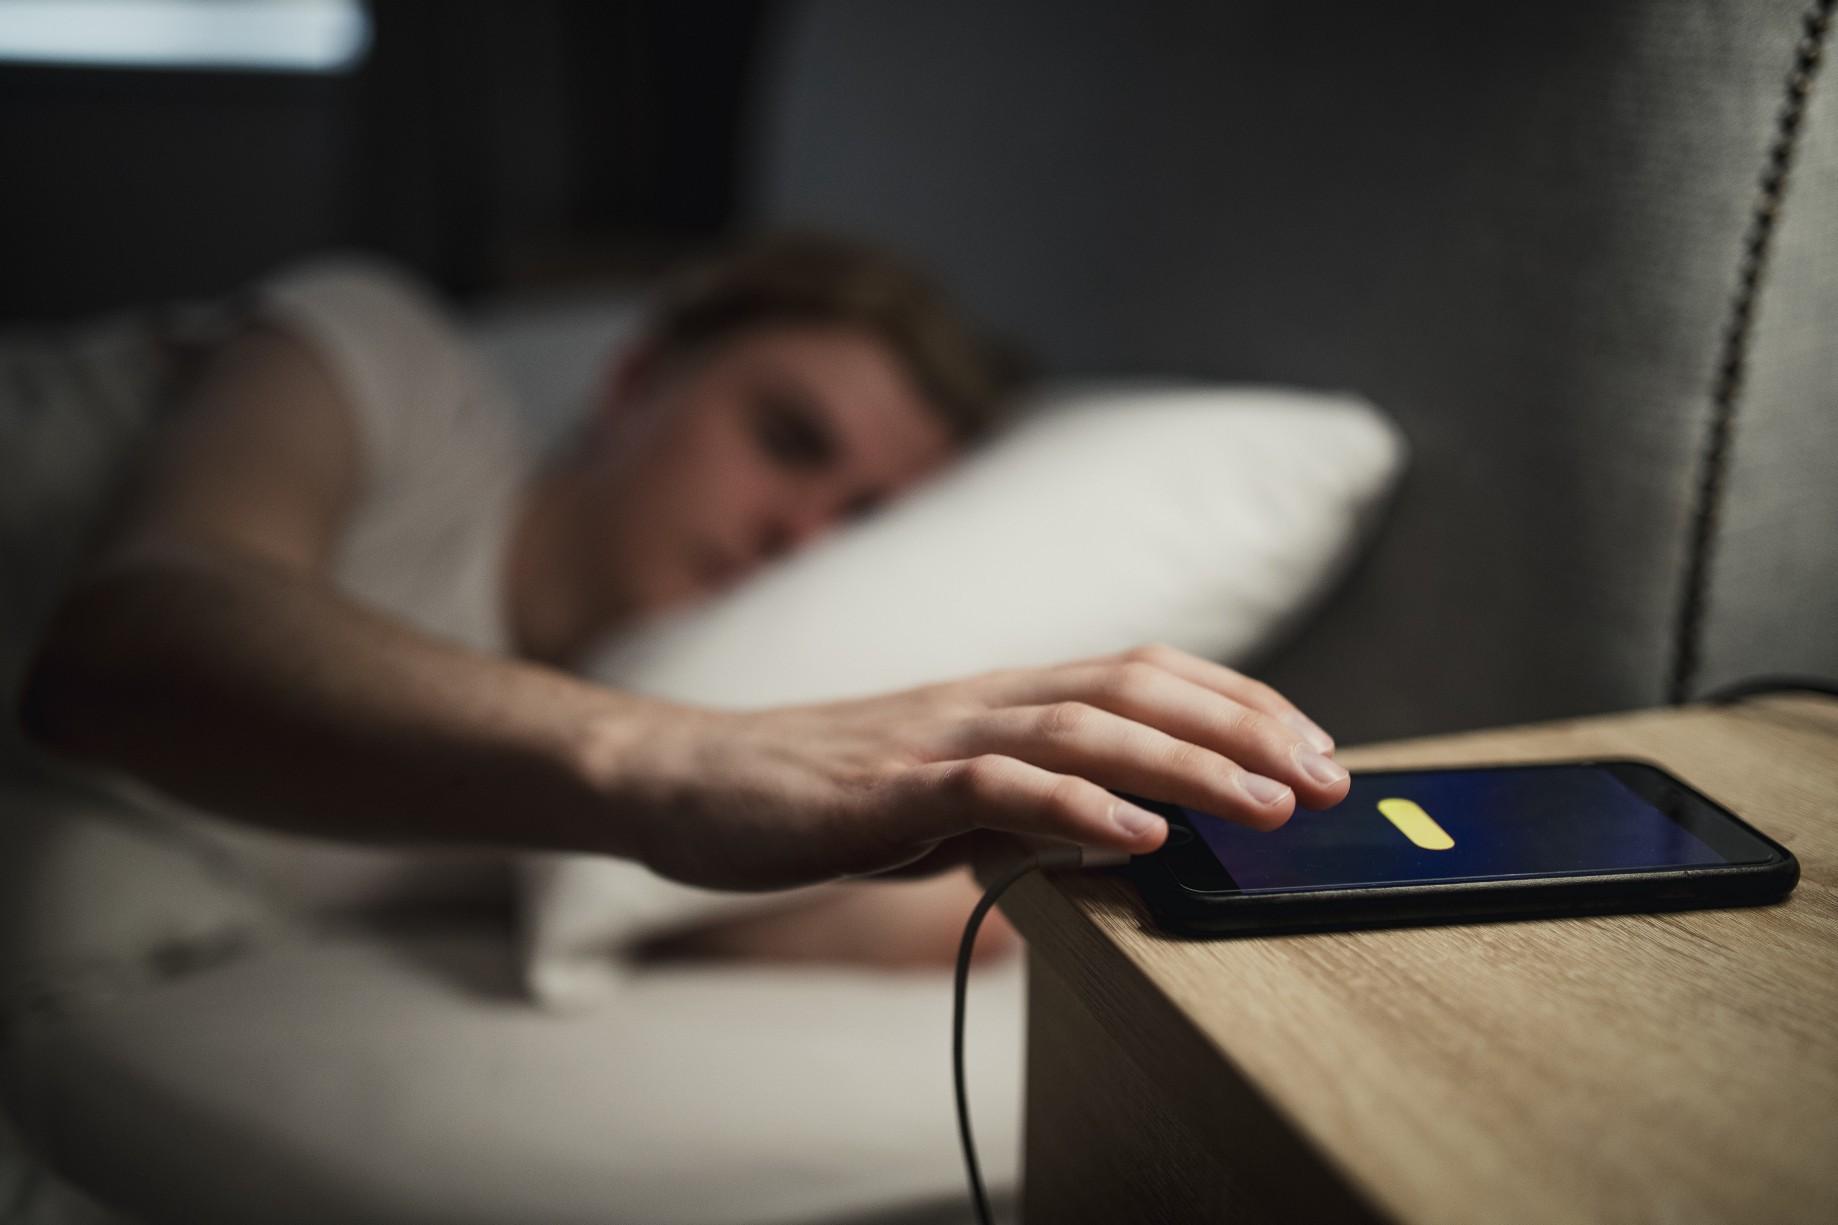 Chỉ vì thói quen này khi đi ngủ mà người phụ nữ bị bỏng cổ nghiêm trọng, ai mắc phải cần tránh ngay-3